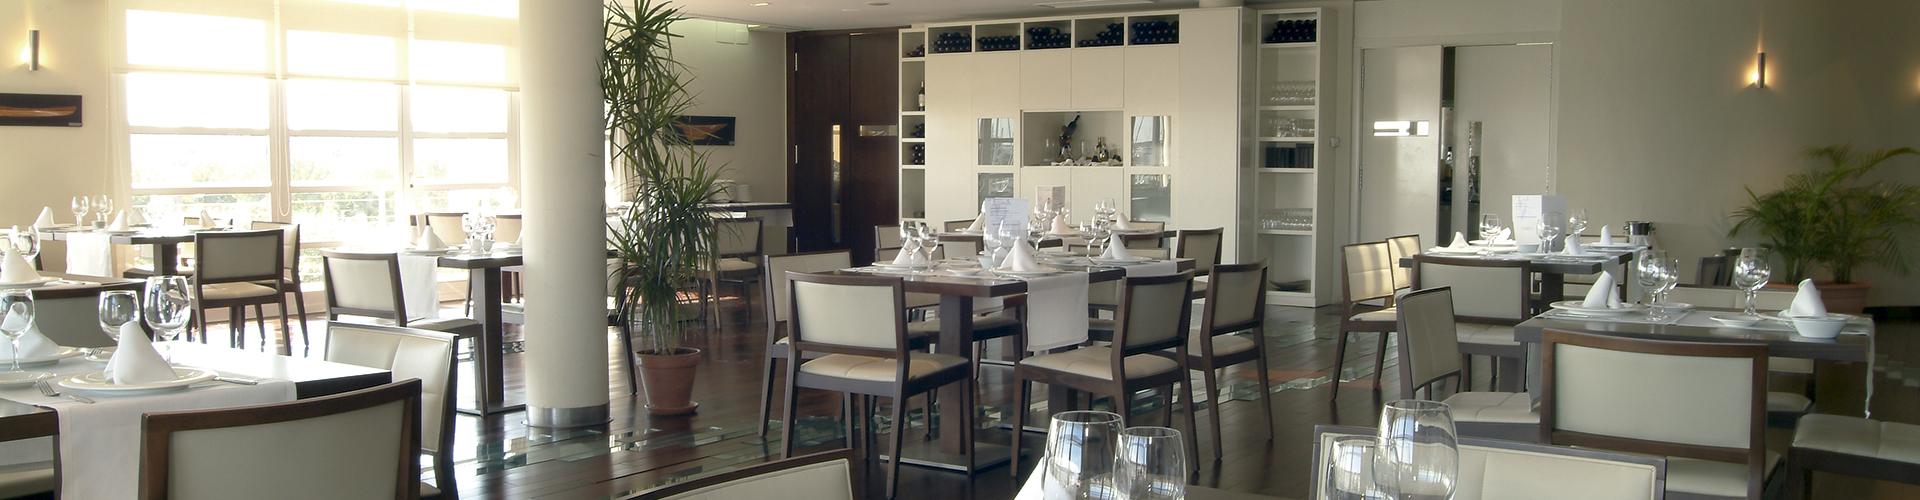 Restaurante, Banquetes de Boda y Comuniones, Celebraciones particulares y Eventos de empresa